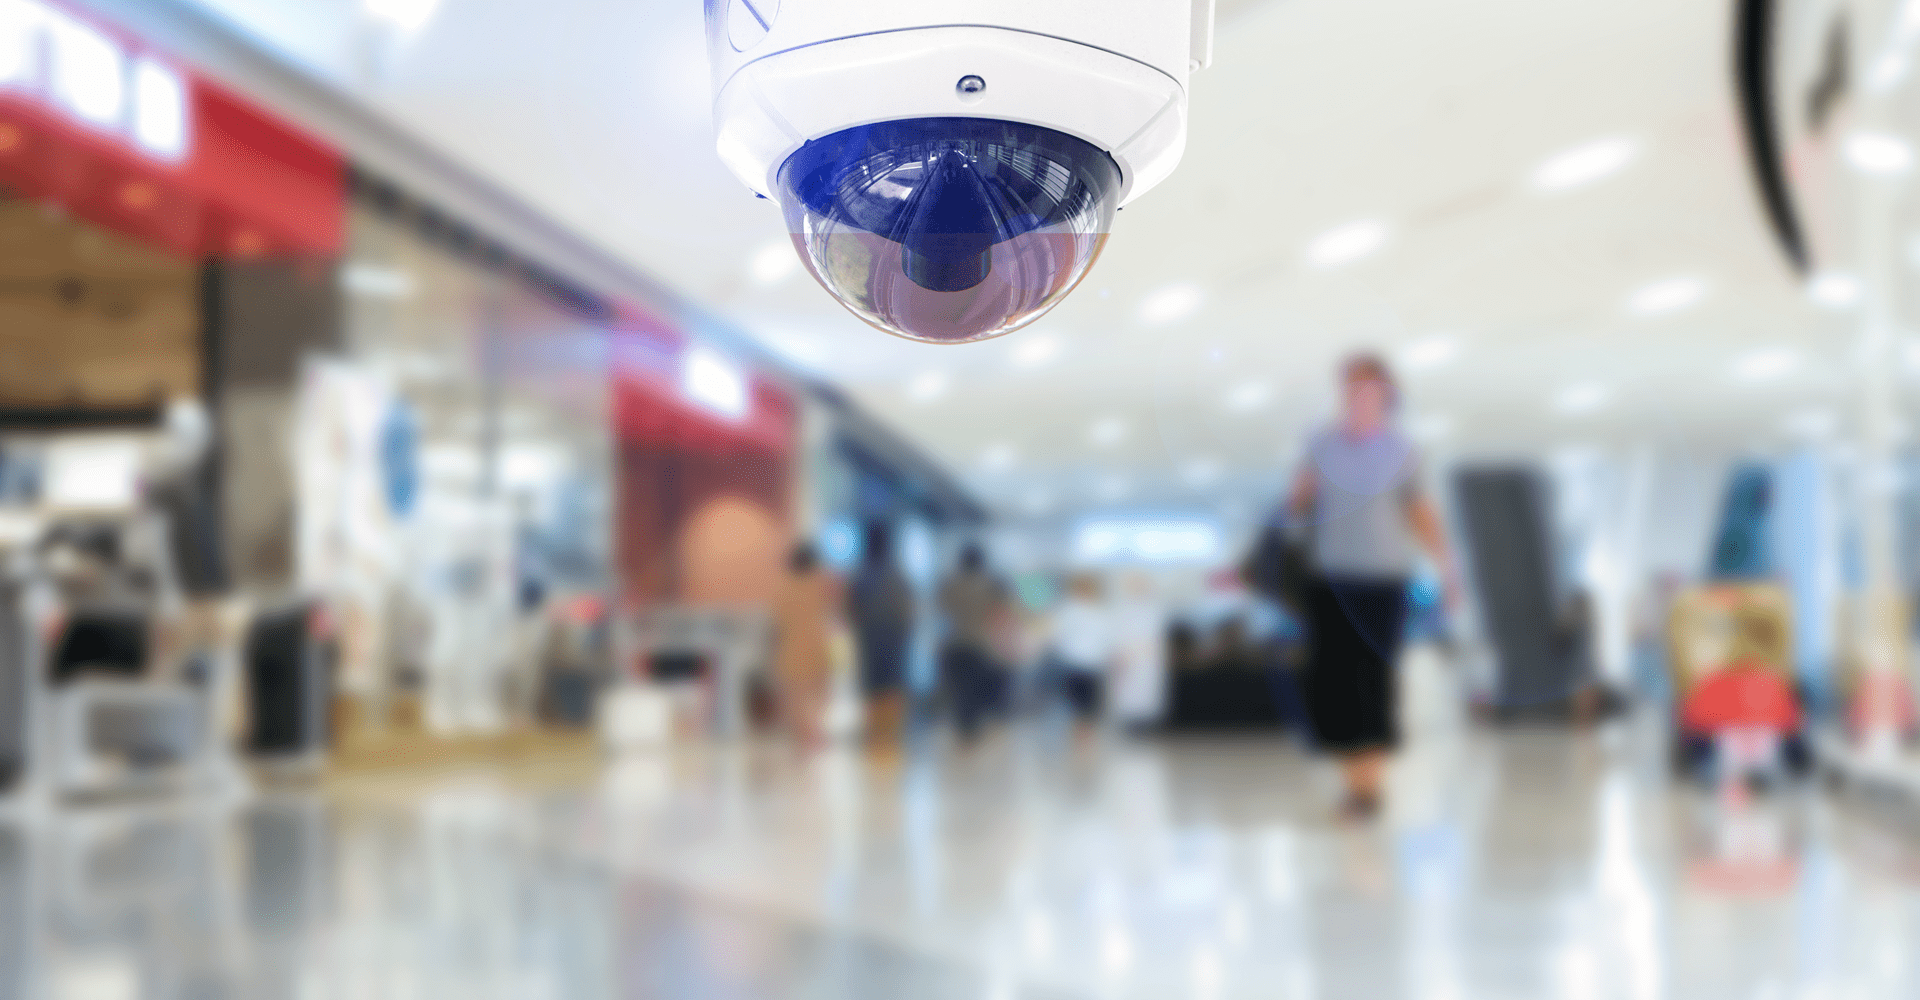 プロによる防犯カメラ・監視カメラ選び